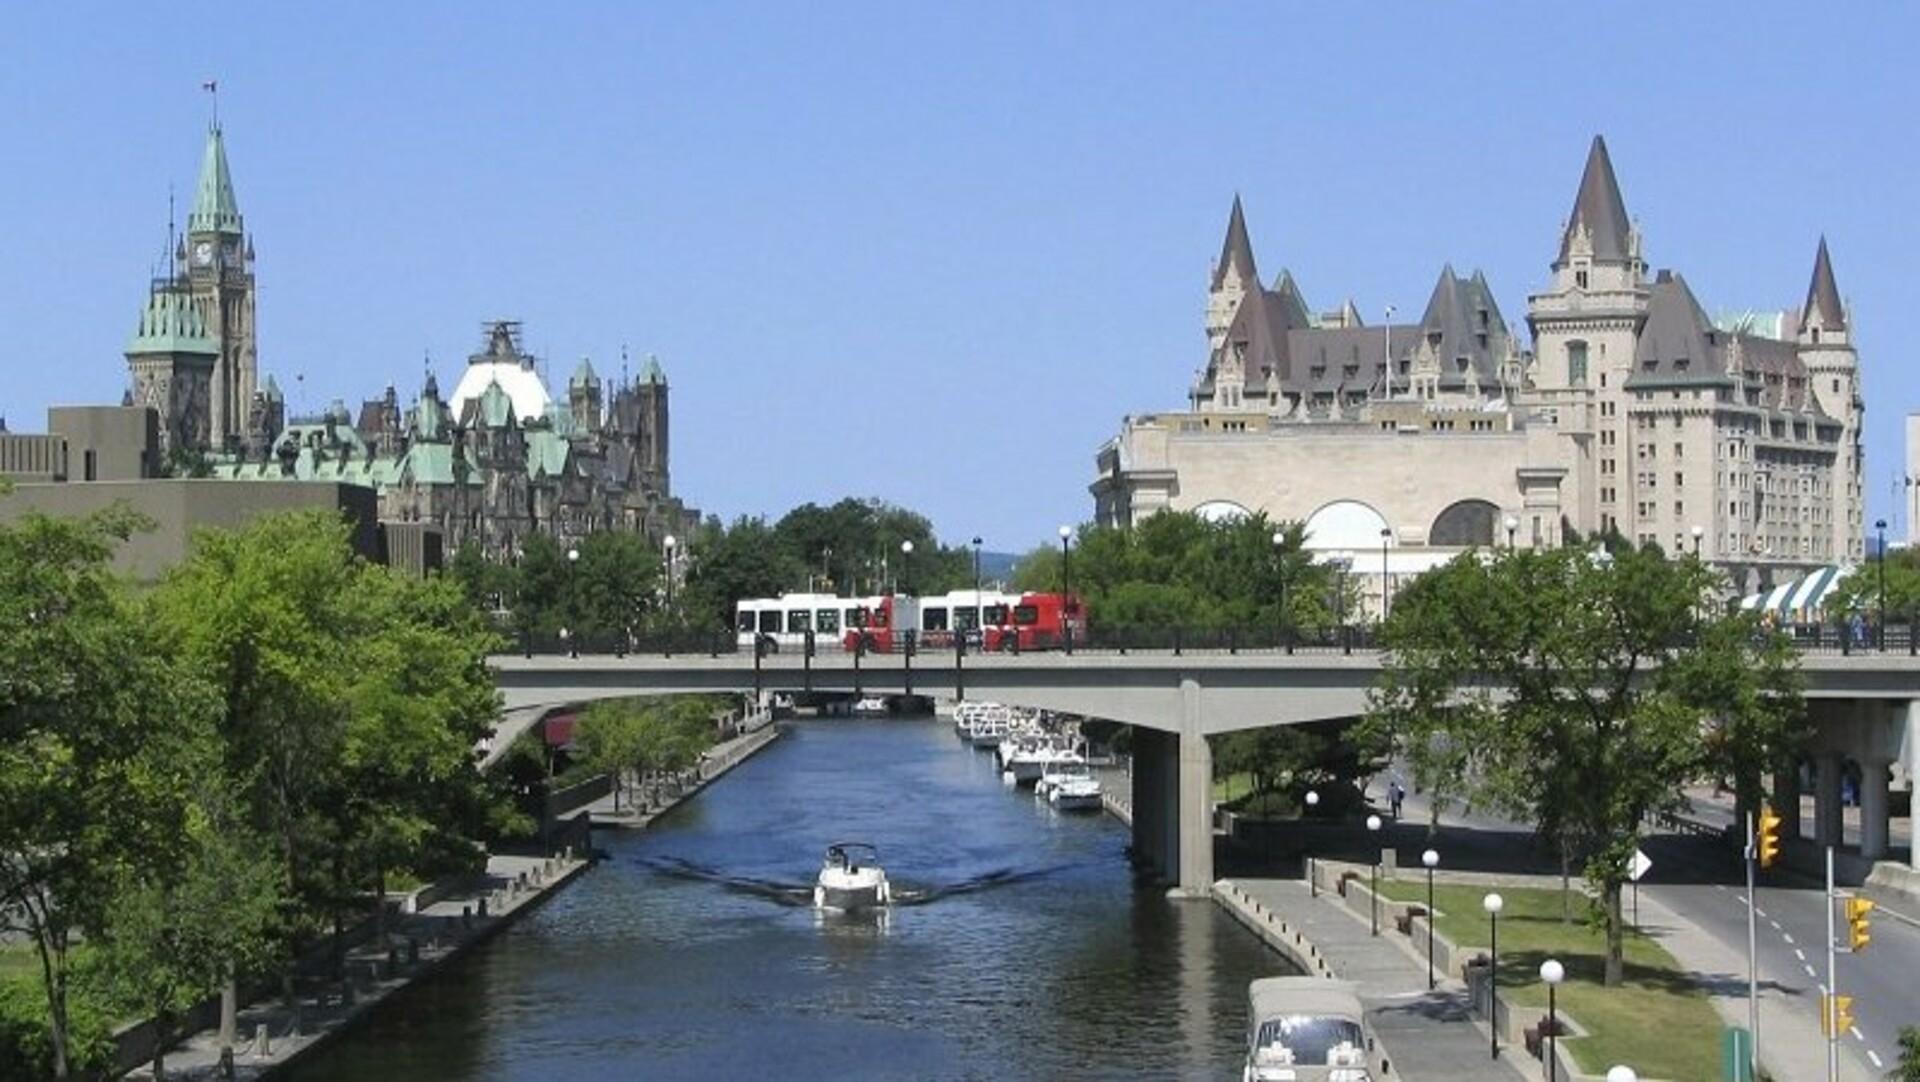 Schüleraustausch Kanada Schuldistrikte Ottawa Carleton ODI